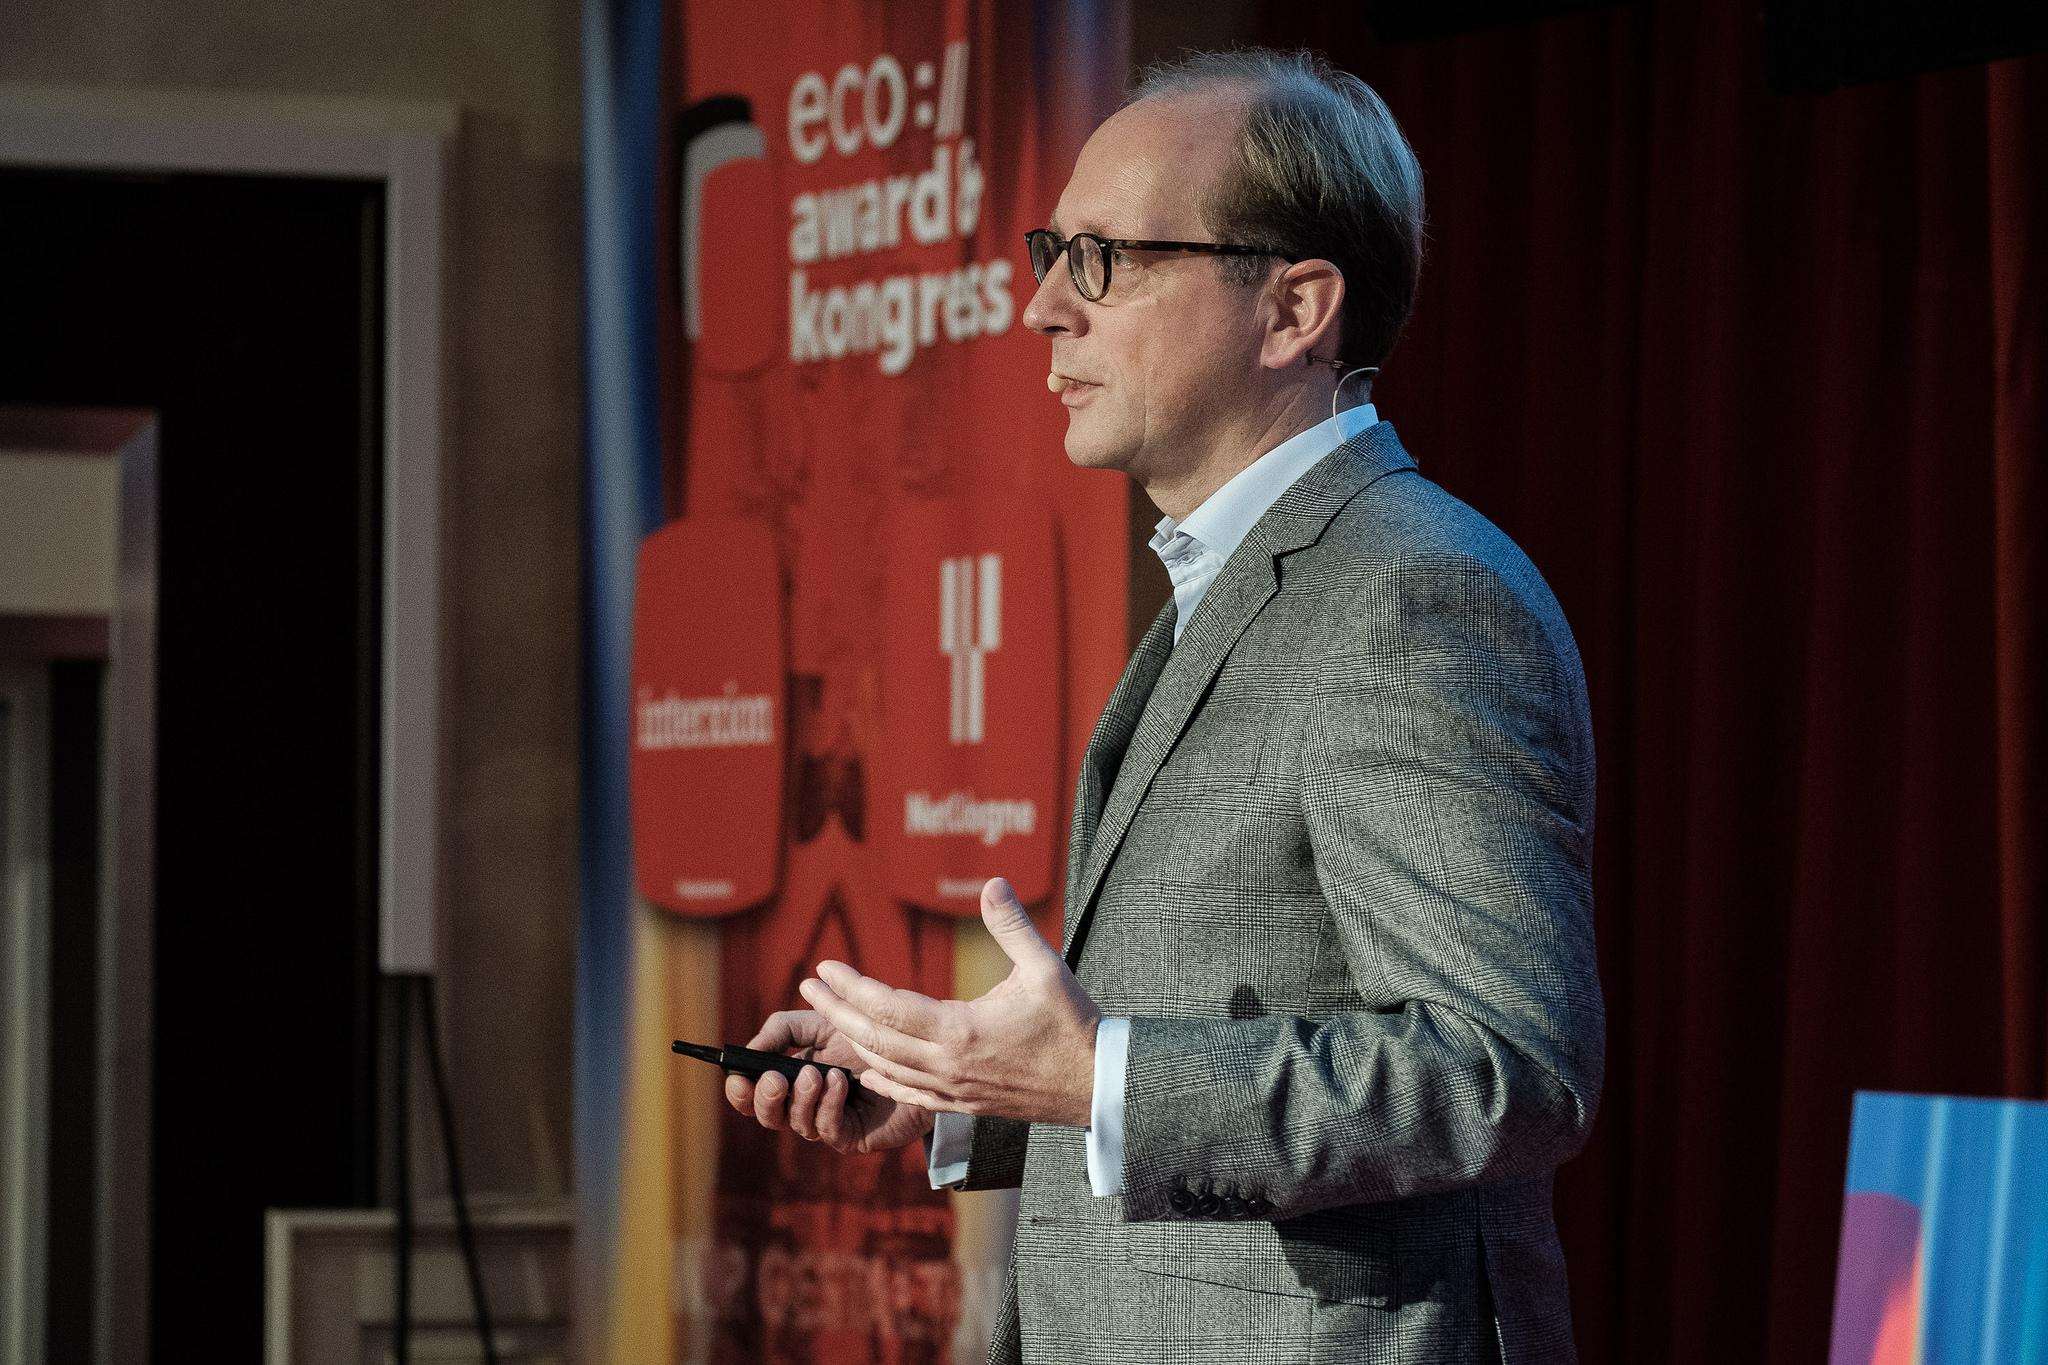 eco://kongress & eco:awards: Gemeinsam die digitale Zukunft gestalten 4